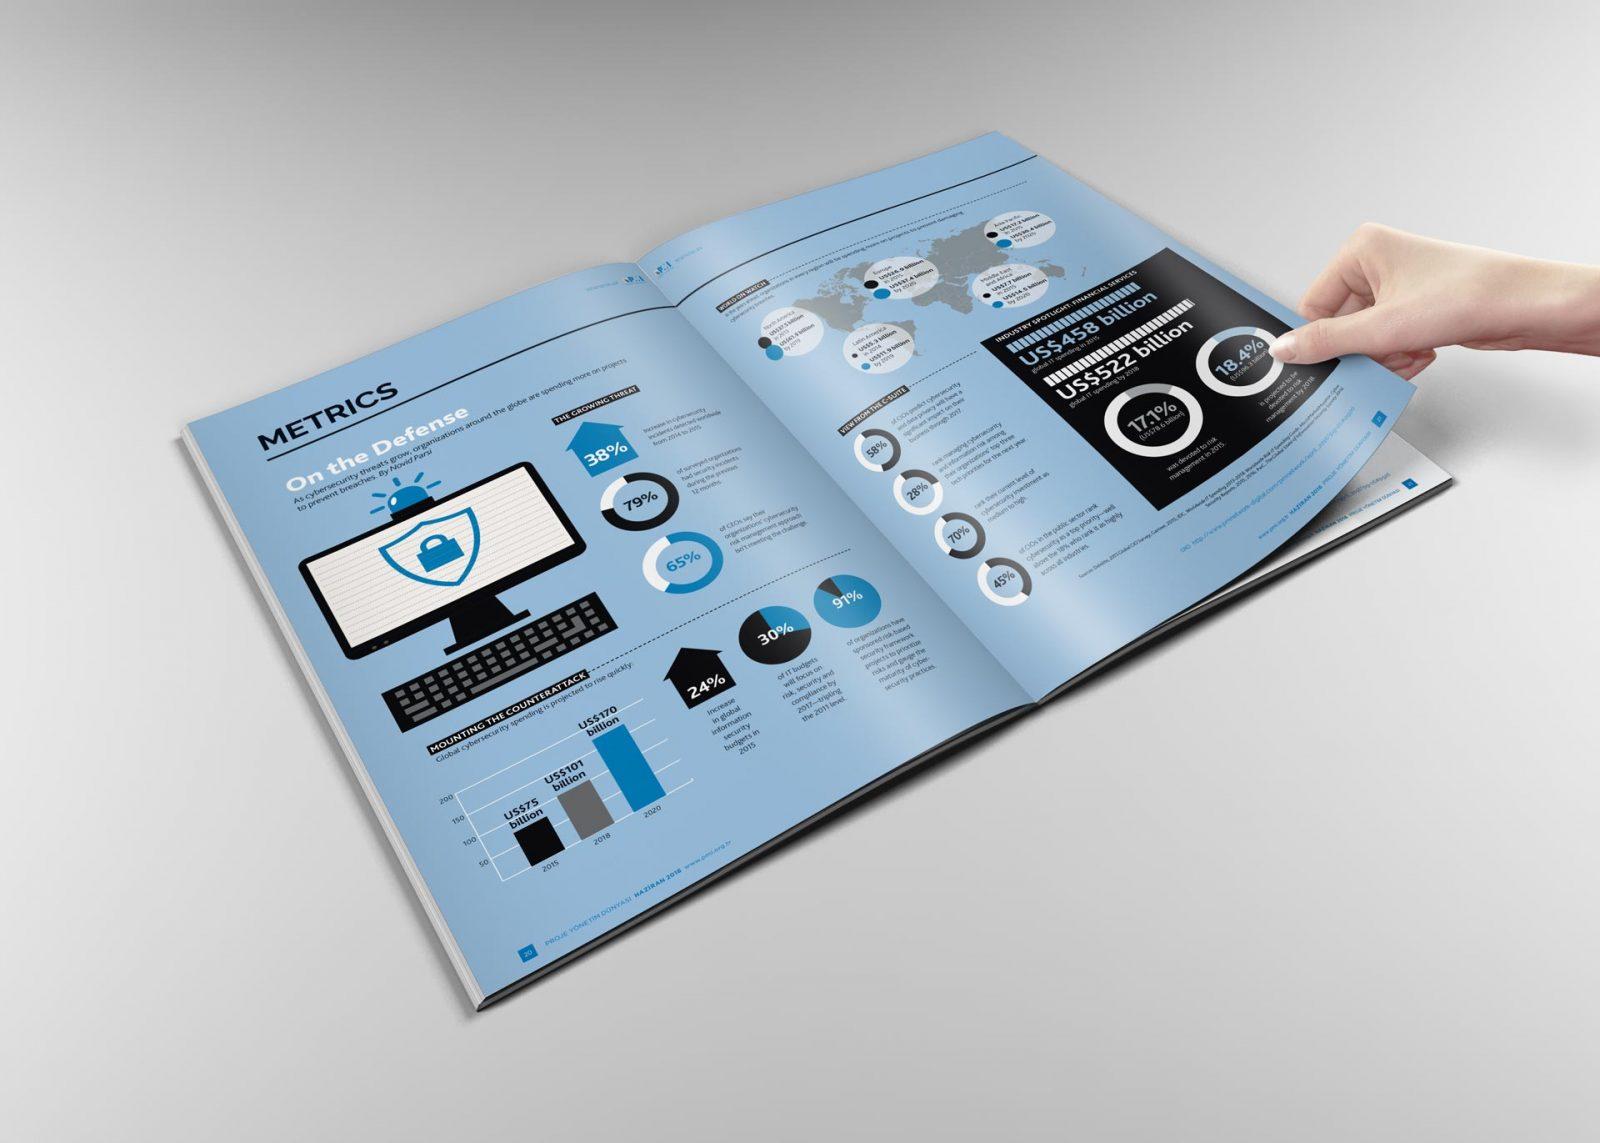 pmi tr dergi tasarımı 06